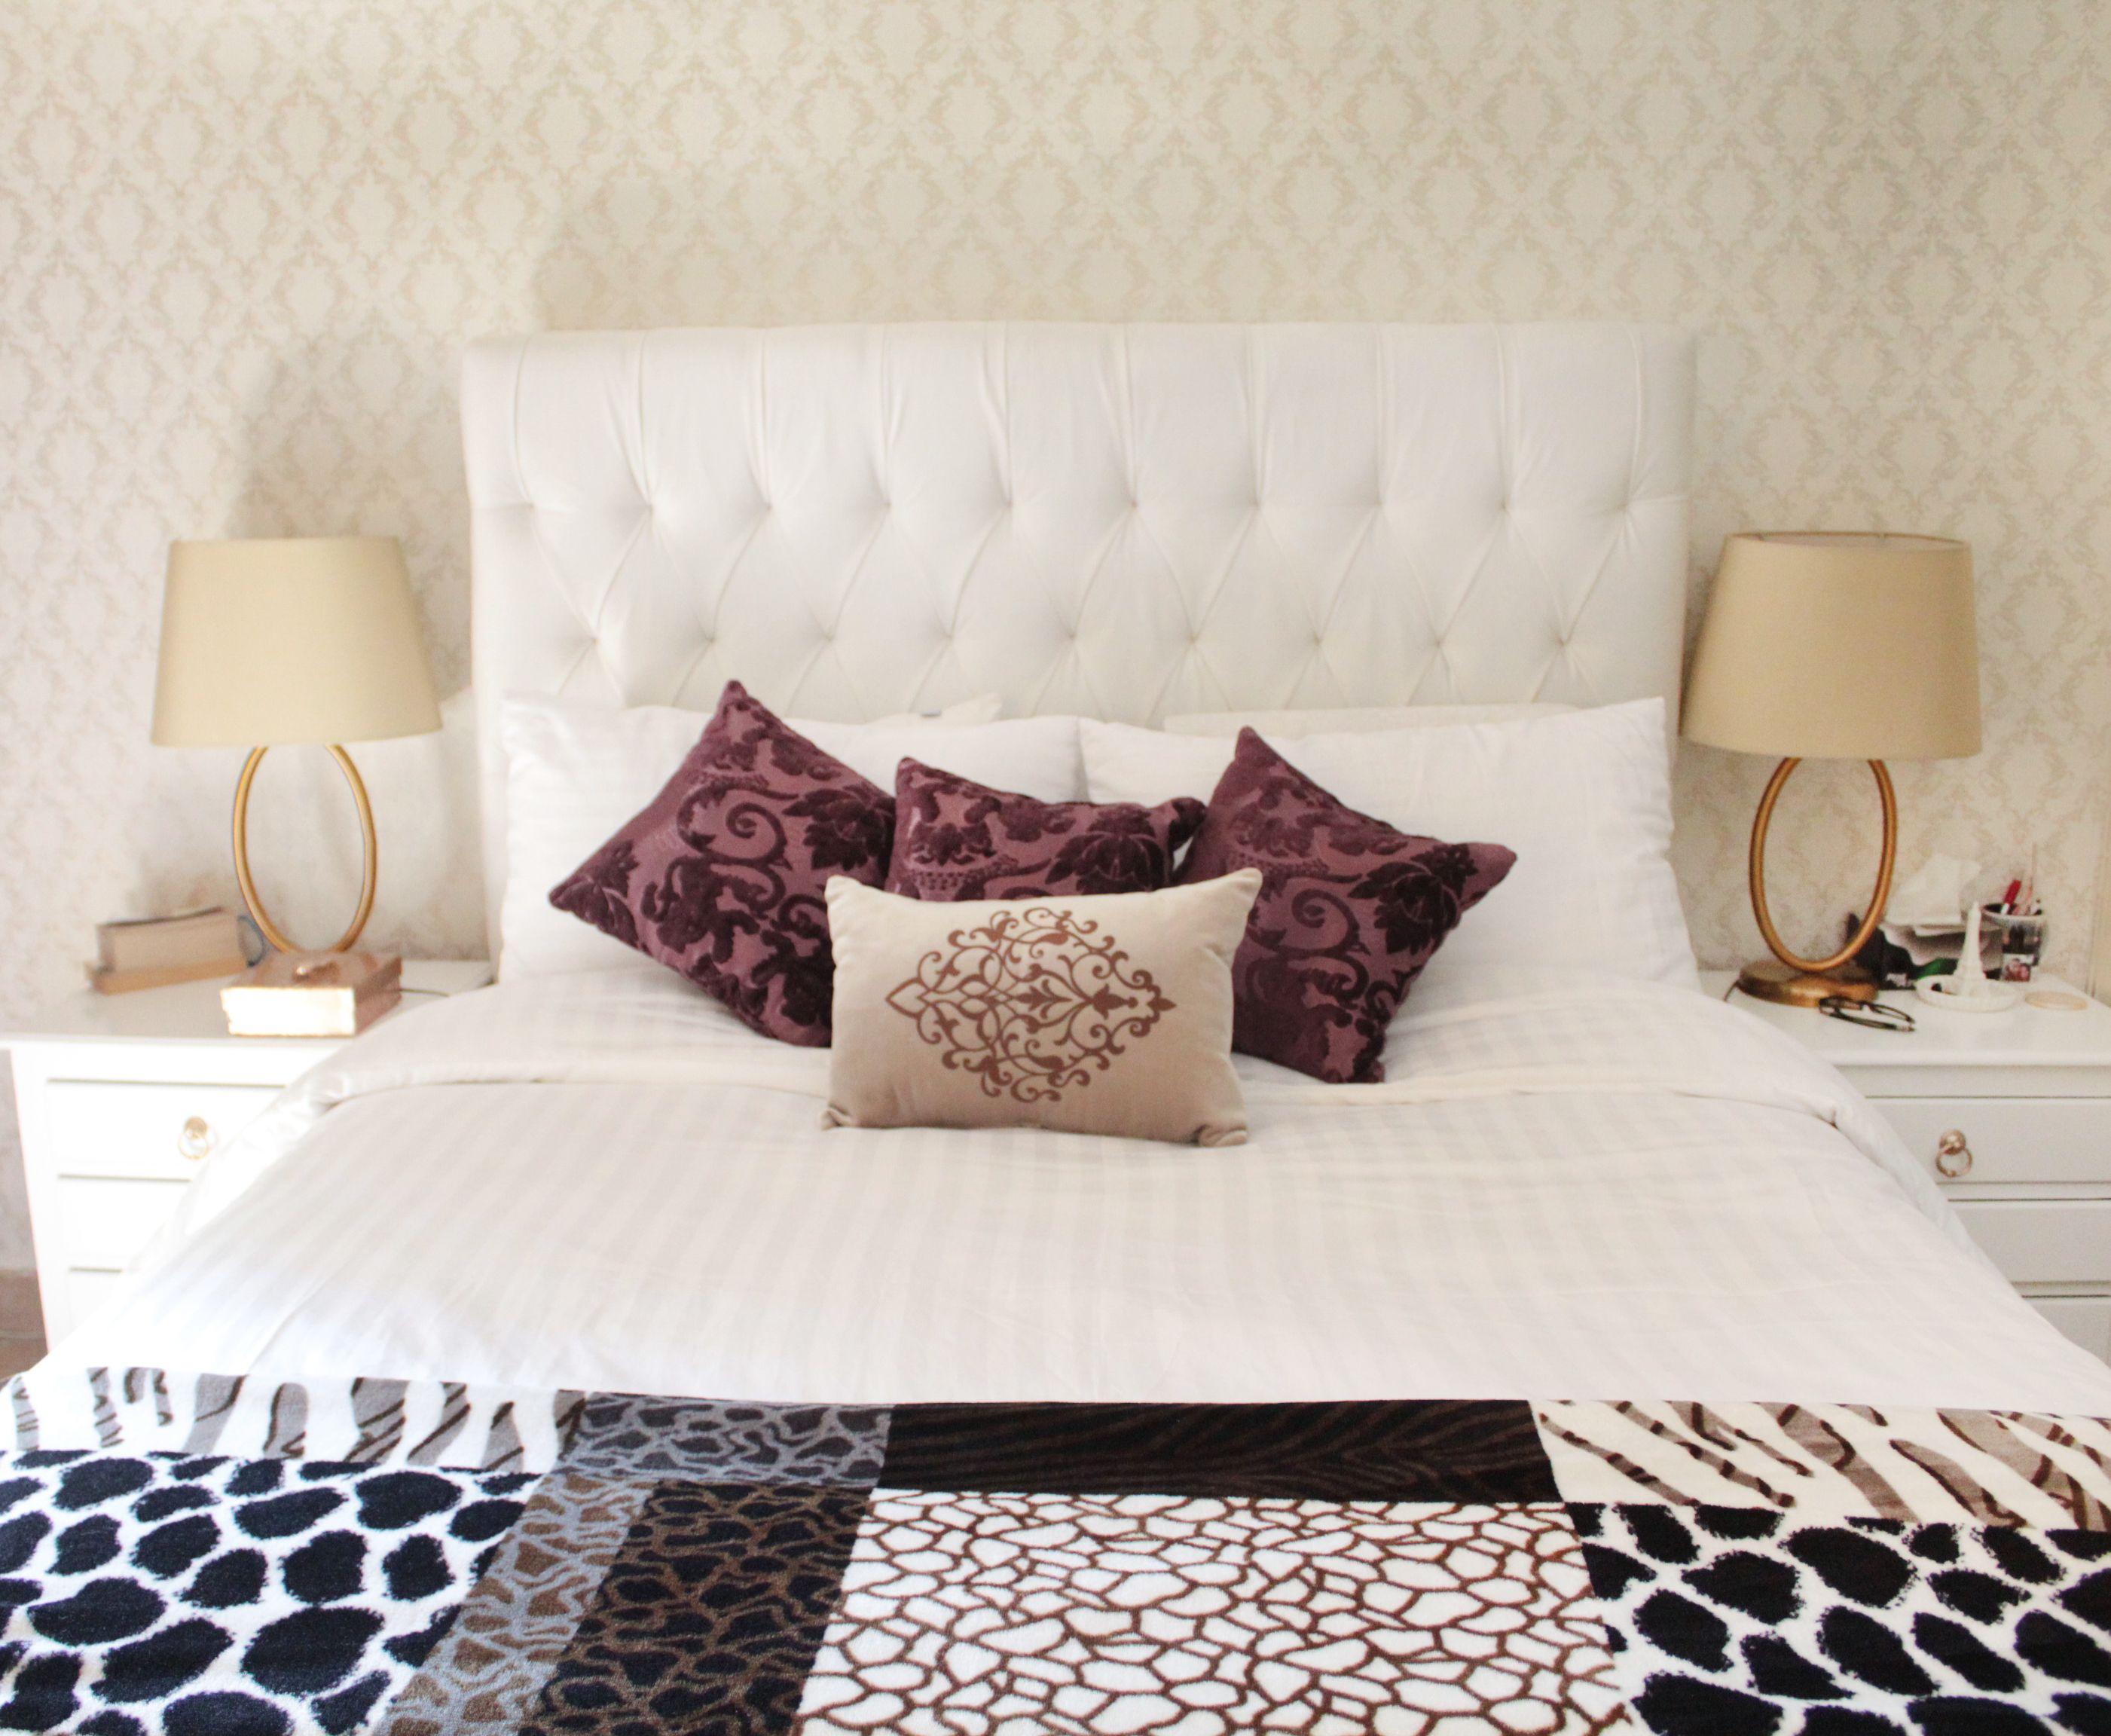 White And Gold Bedroom Tufted Headboard Ivory Gold Tufted Lamps Leather Bed Headboard Headboard Designs Herringbone Headboard